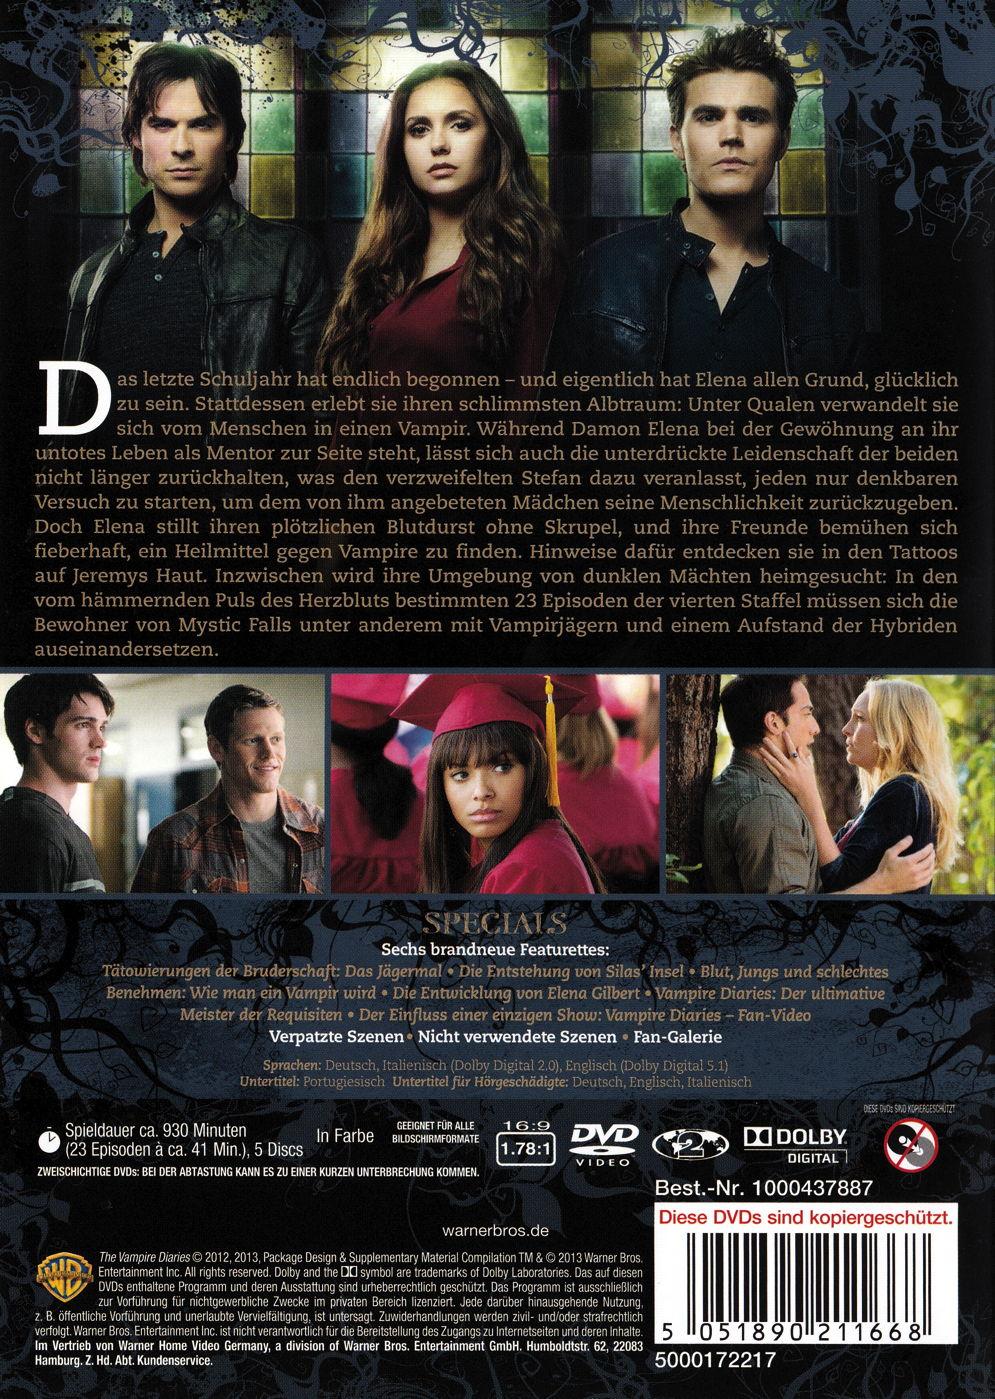 film the vampire diaries staffel 4 auf dvd oder blu ray kaufen moviesale die online. Black Bedroom Furniture Sets. Home Design Ideas